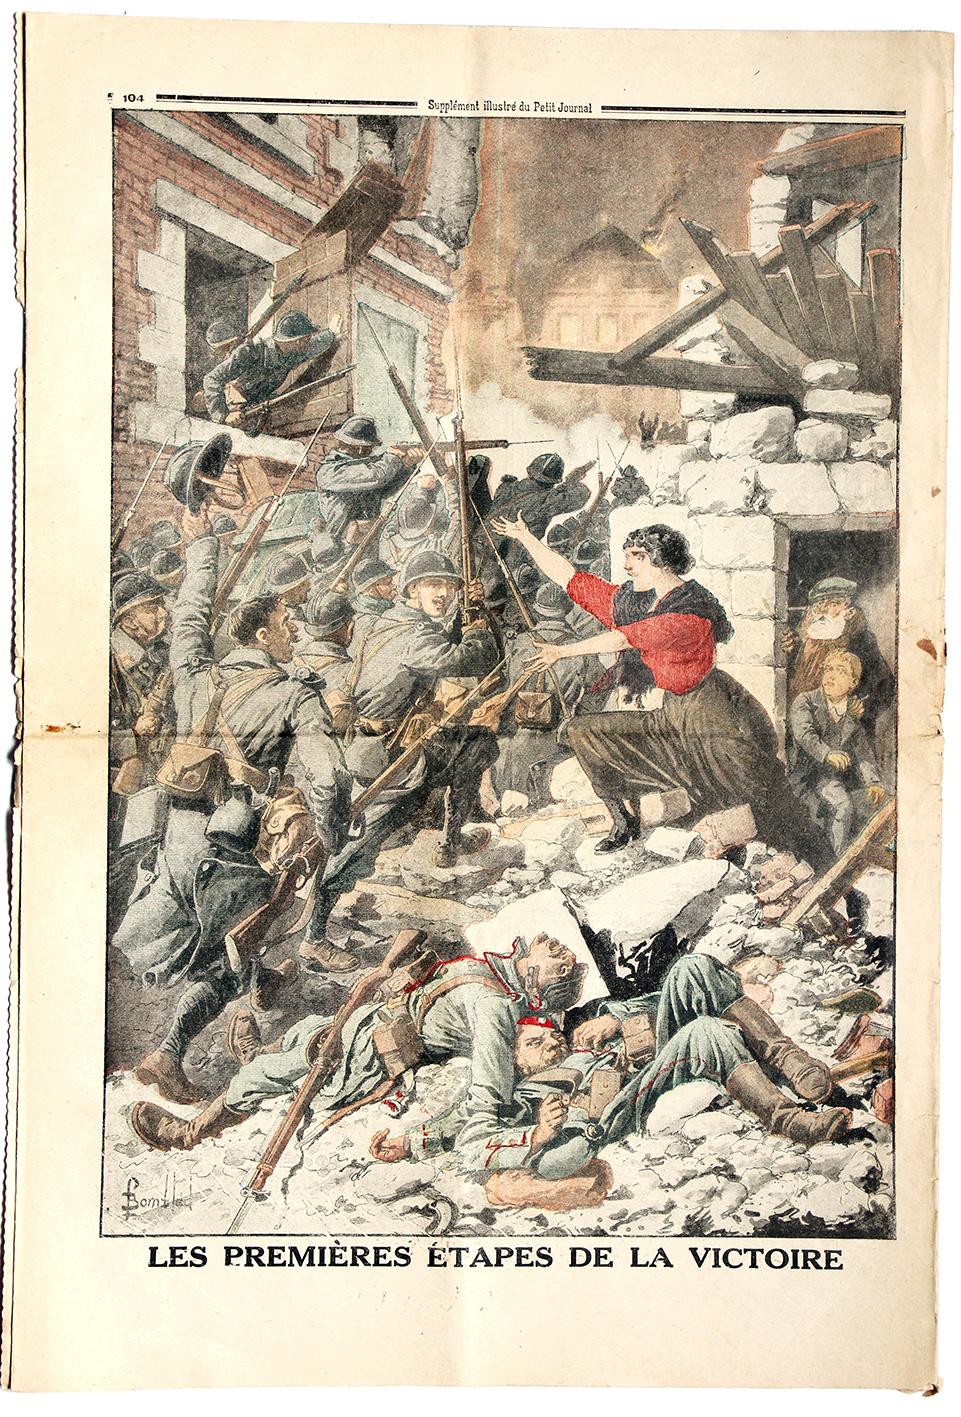 Le petit journal - supplément illustré - 1er avril 1917